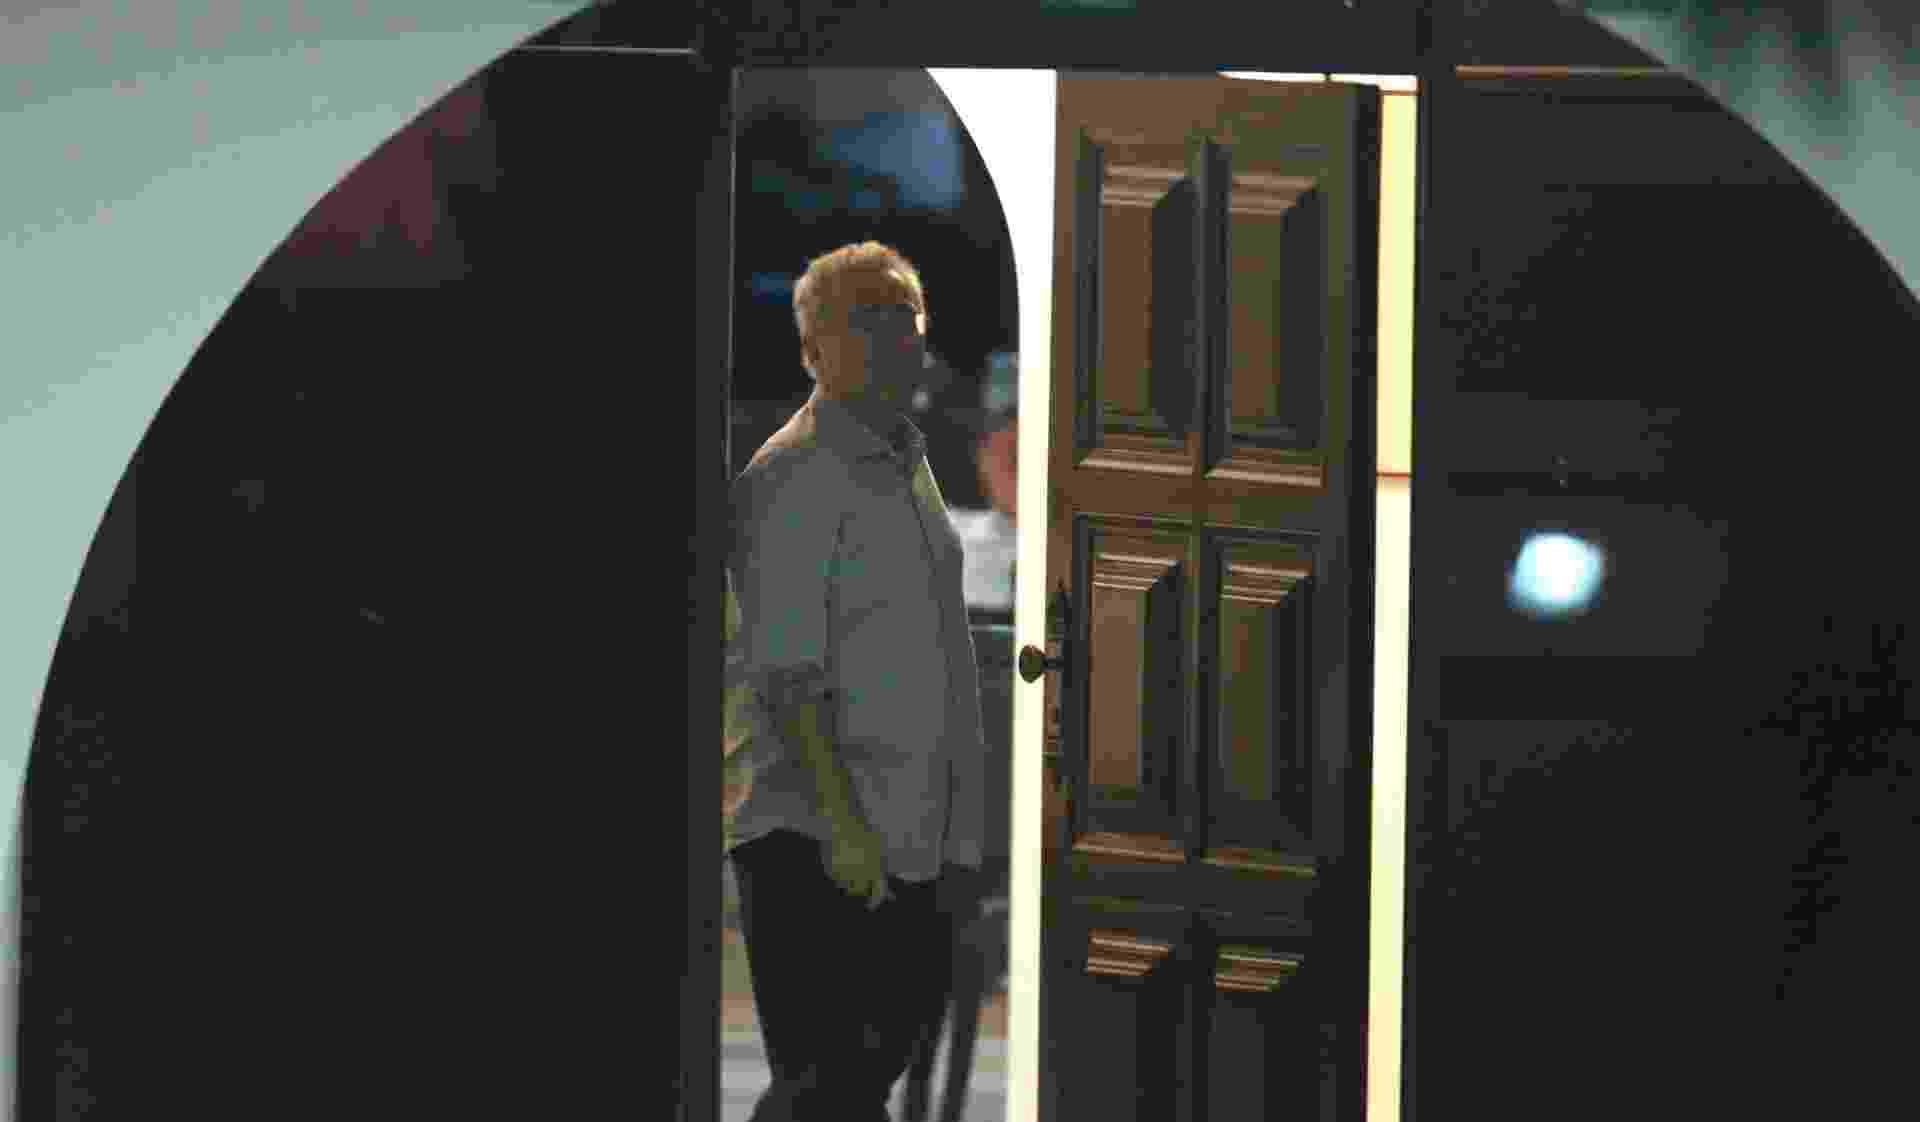 5.dez.2016 - O senador Renan Calheiros (PMDB-AL) na entrada da residência oficial do Senado, em Brasília, na noite desta segunda-feira (5). O ministro Marco Aurélio Mello, do Supremo Tribunal Federal (STF) - Dida Sampaio/Estadão Conteúdo